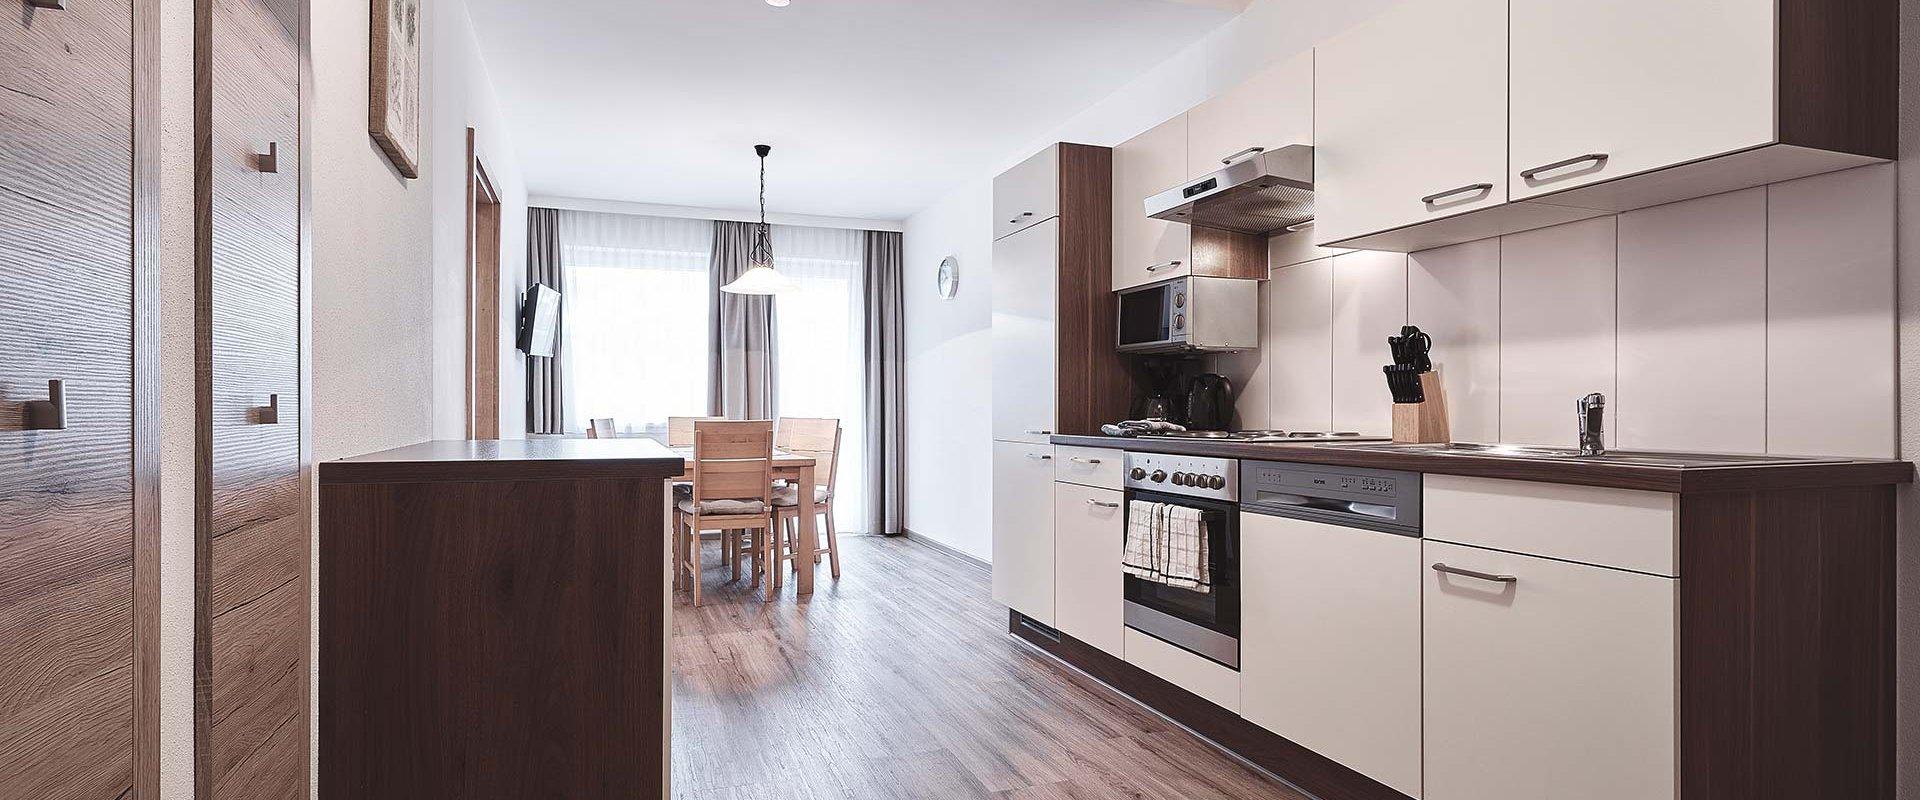 Apartments in Sölden - Ötztal